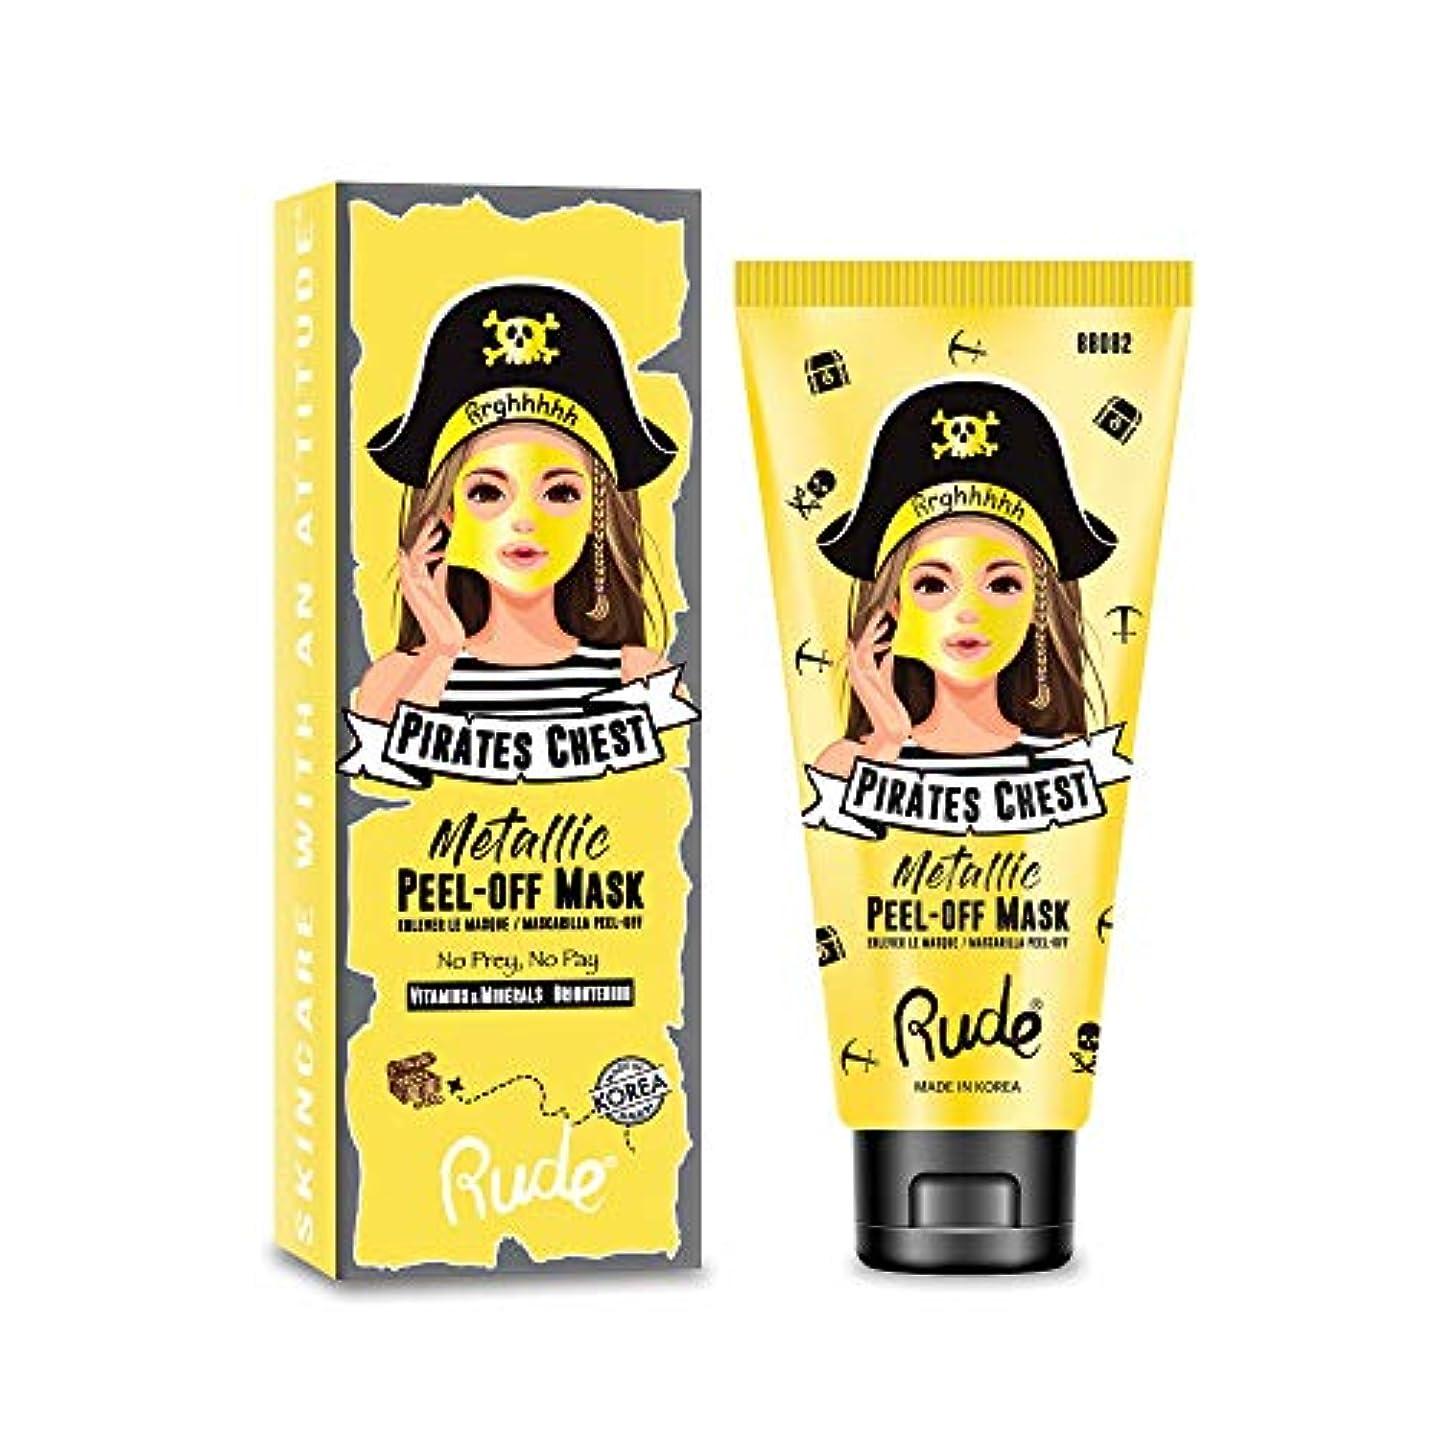 従事したカカドゥ統合する(6 Pack) RUDE Pirate's Chest Metallic Peel-off Mask - No Prey, No Pay (並行輸入品)